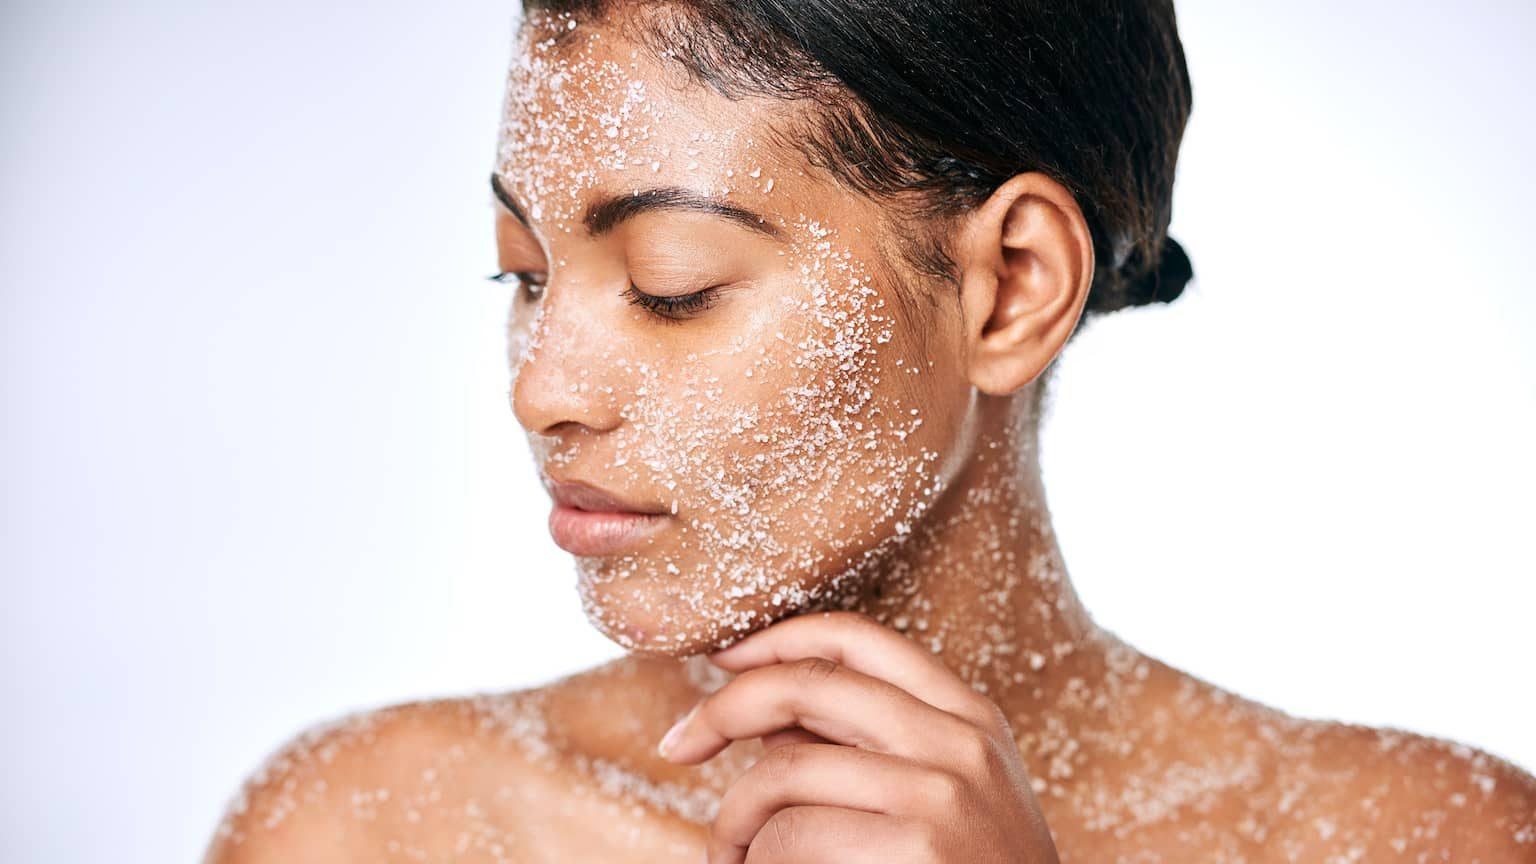 Woman using a sugar scrub